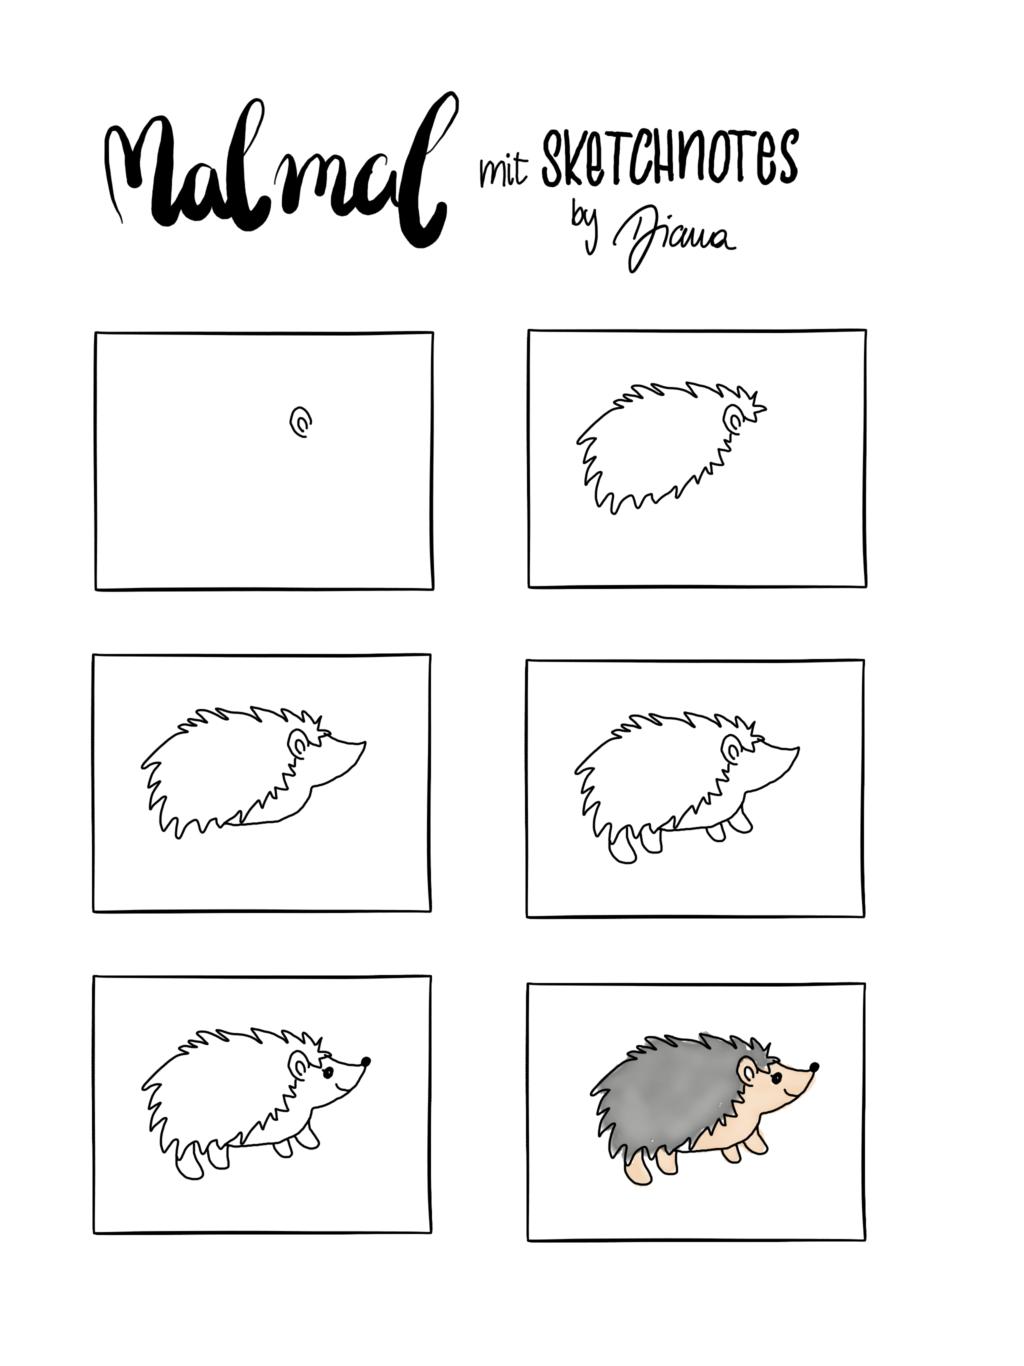 Sketchnotes Anleitung Zum Nachzeichnen Igel Sketchnotes By Diana Nachzeichnen Kritzeleien Skizze Notizen